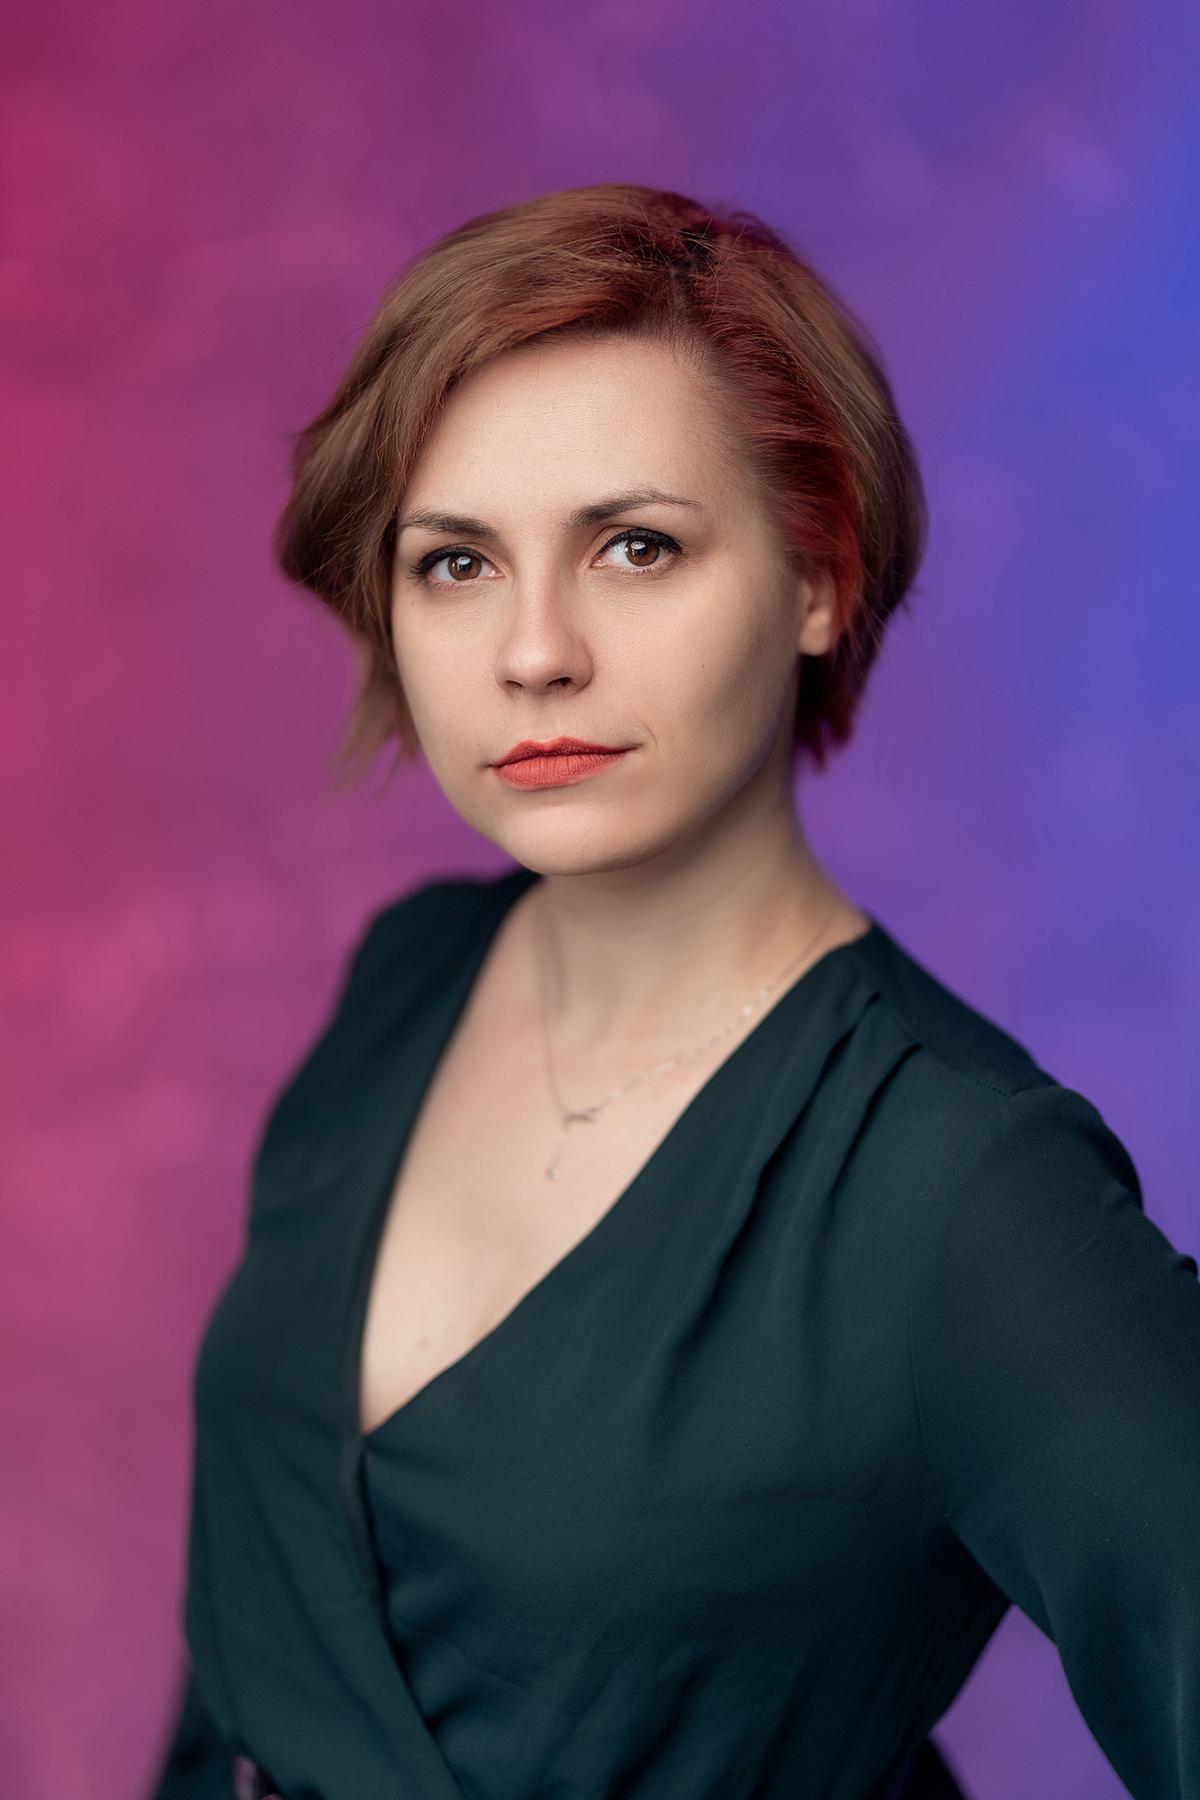 """Дарина Дмитрієвська: """"Багато людей скаржаться на порушення сну, пам'яті, тривожні думки"""" / фото з особистого архіву героїні"""